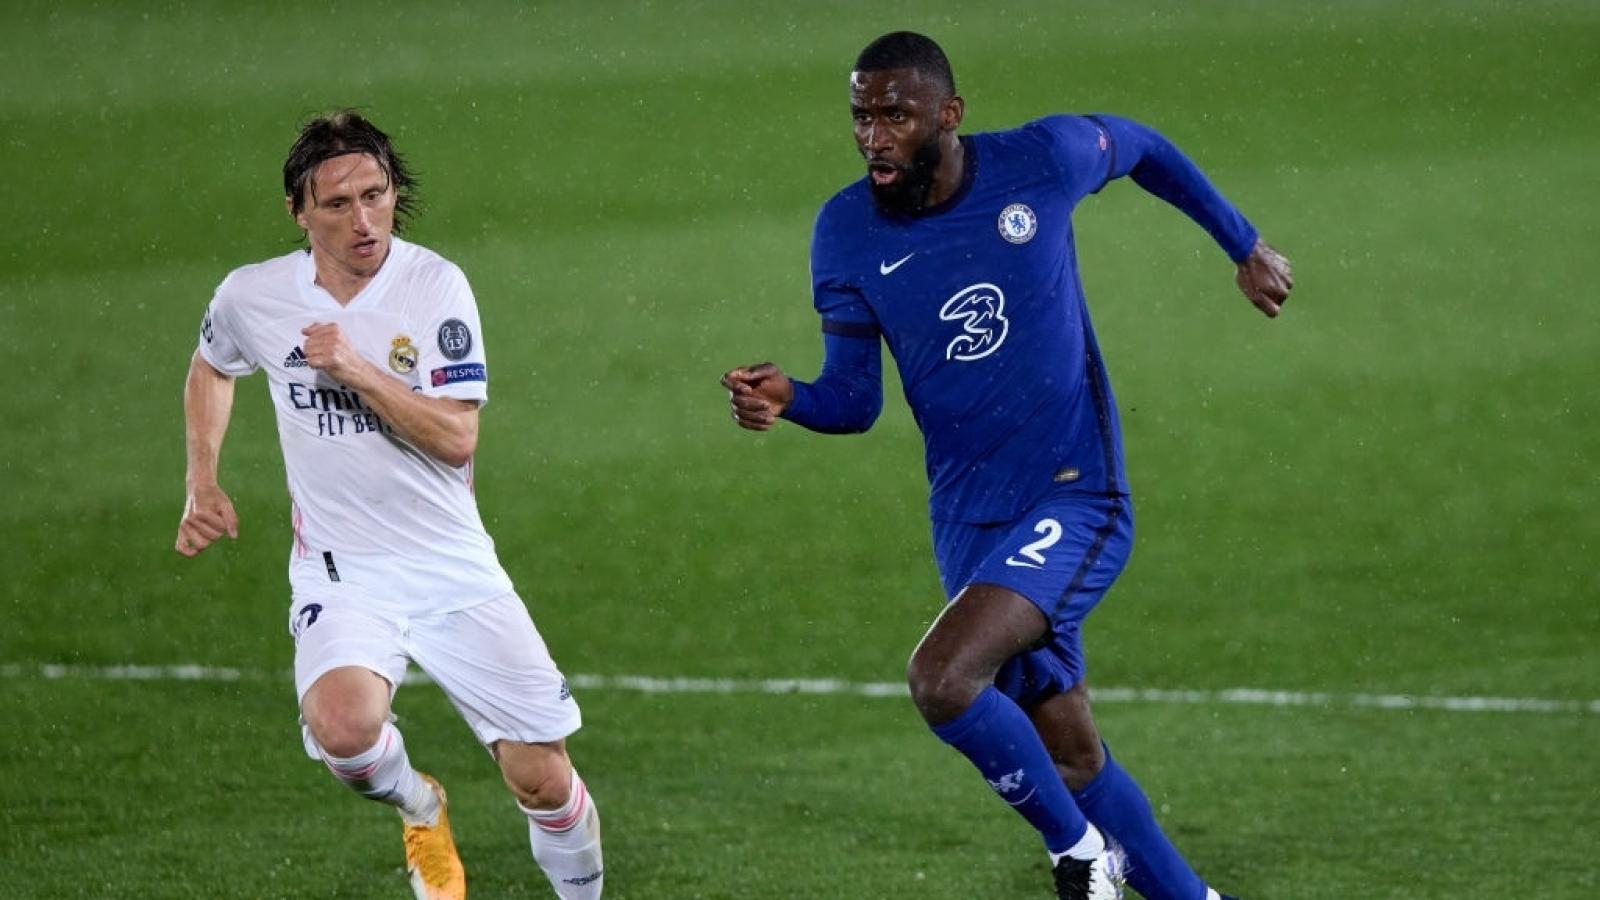 Chelsea nguy cơ vắng 2 trụ cột ở trận đấu với Real Madrid